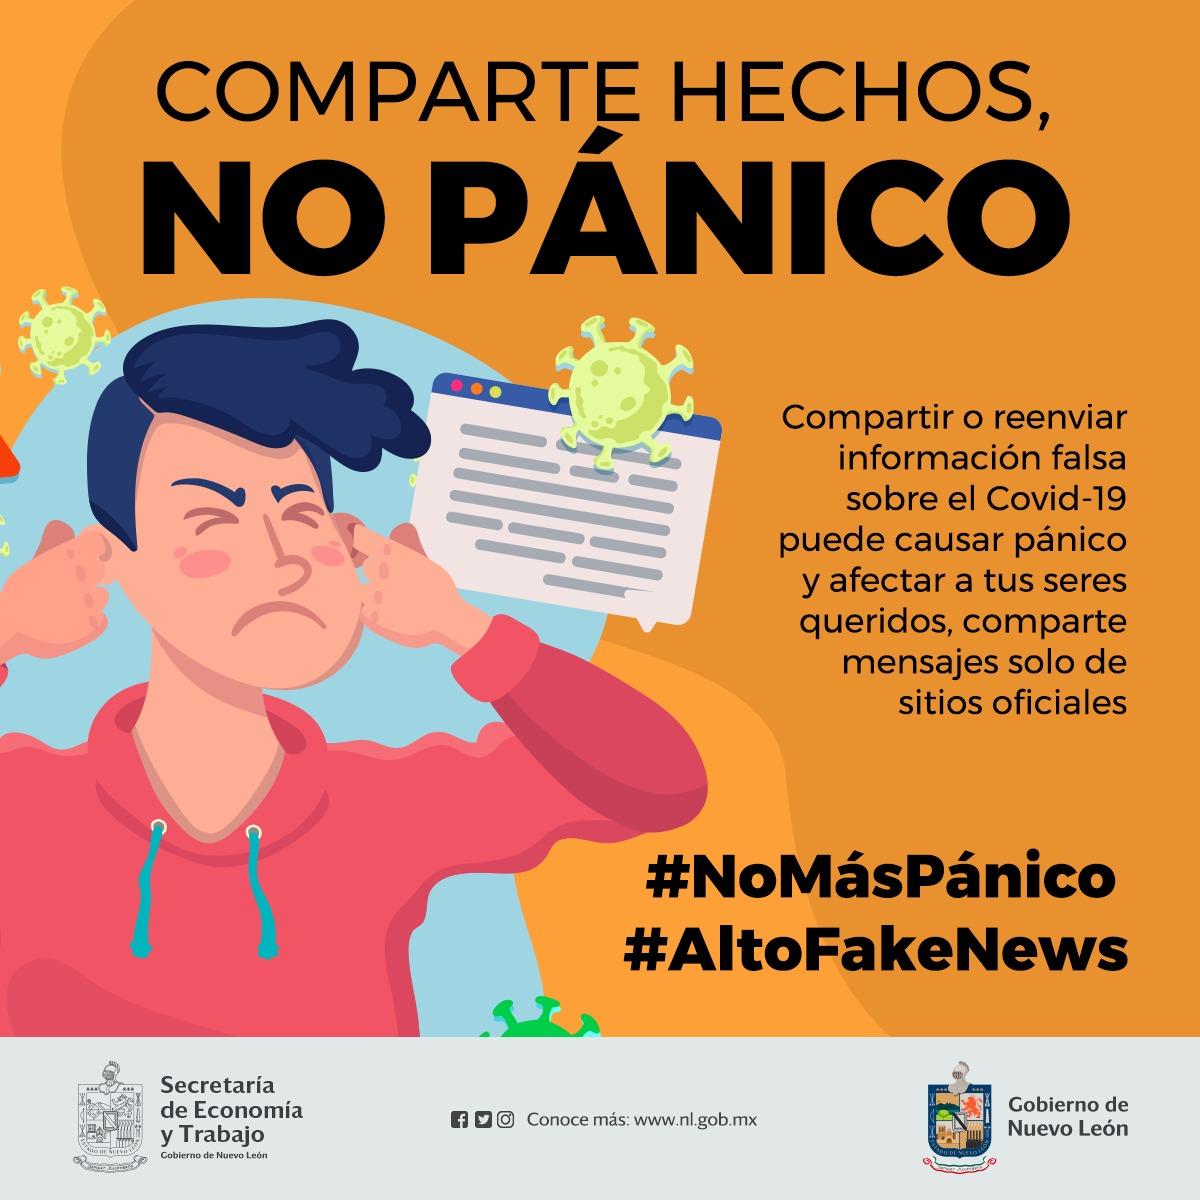 Comparte hechos, no pánico